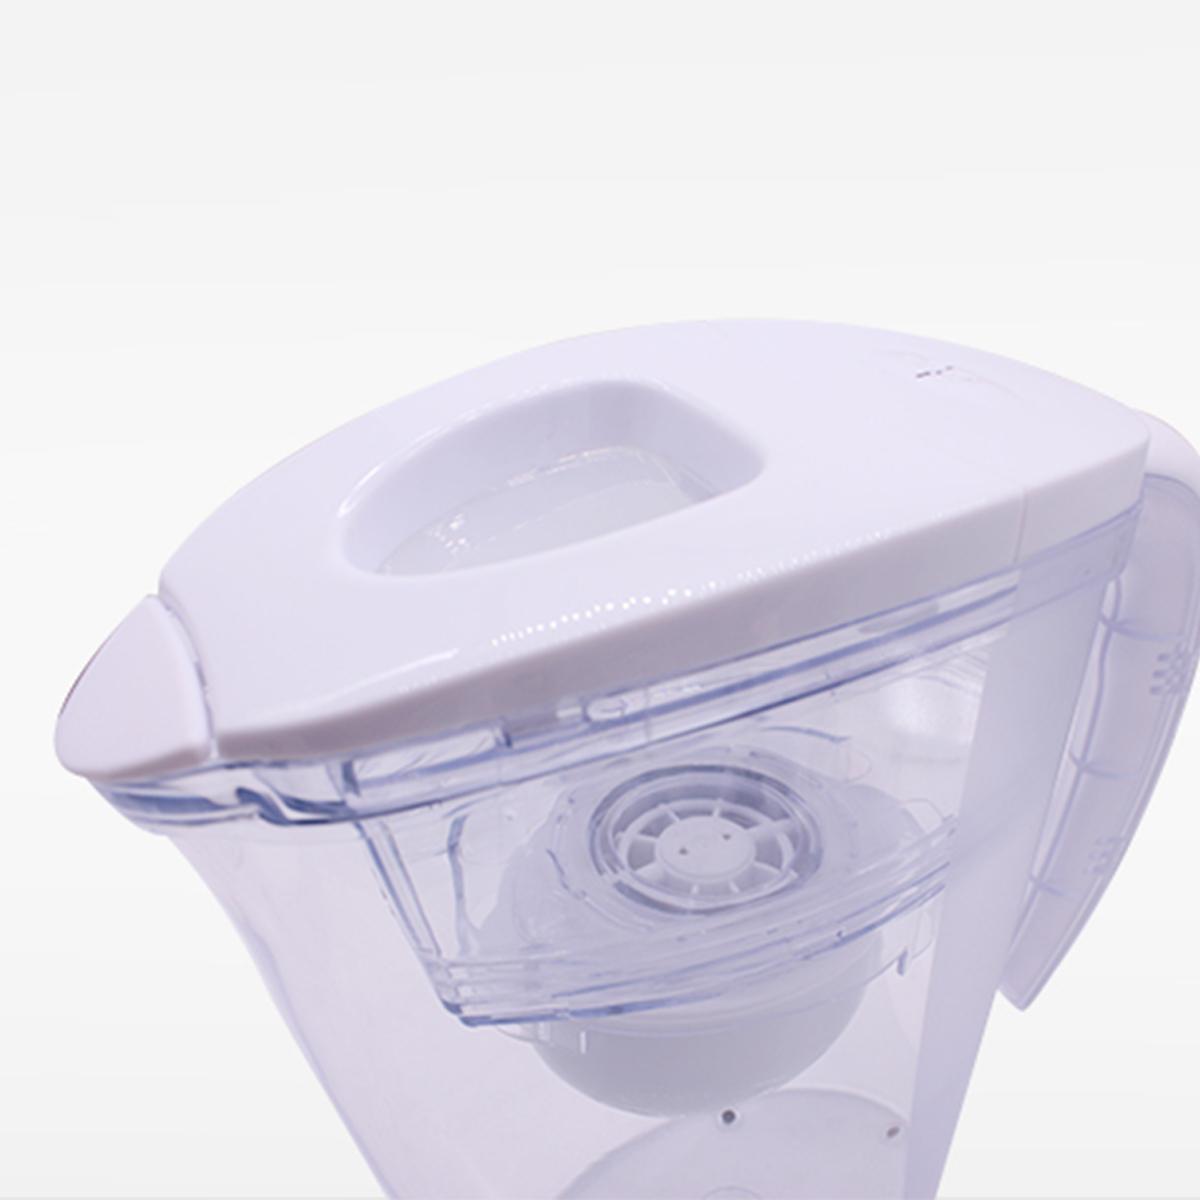 英国安芯泉净水杯滤芯直饮自来家用水壶便携迷你活性炭过滤器进口